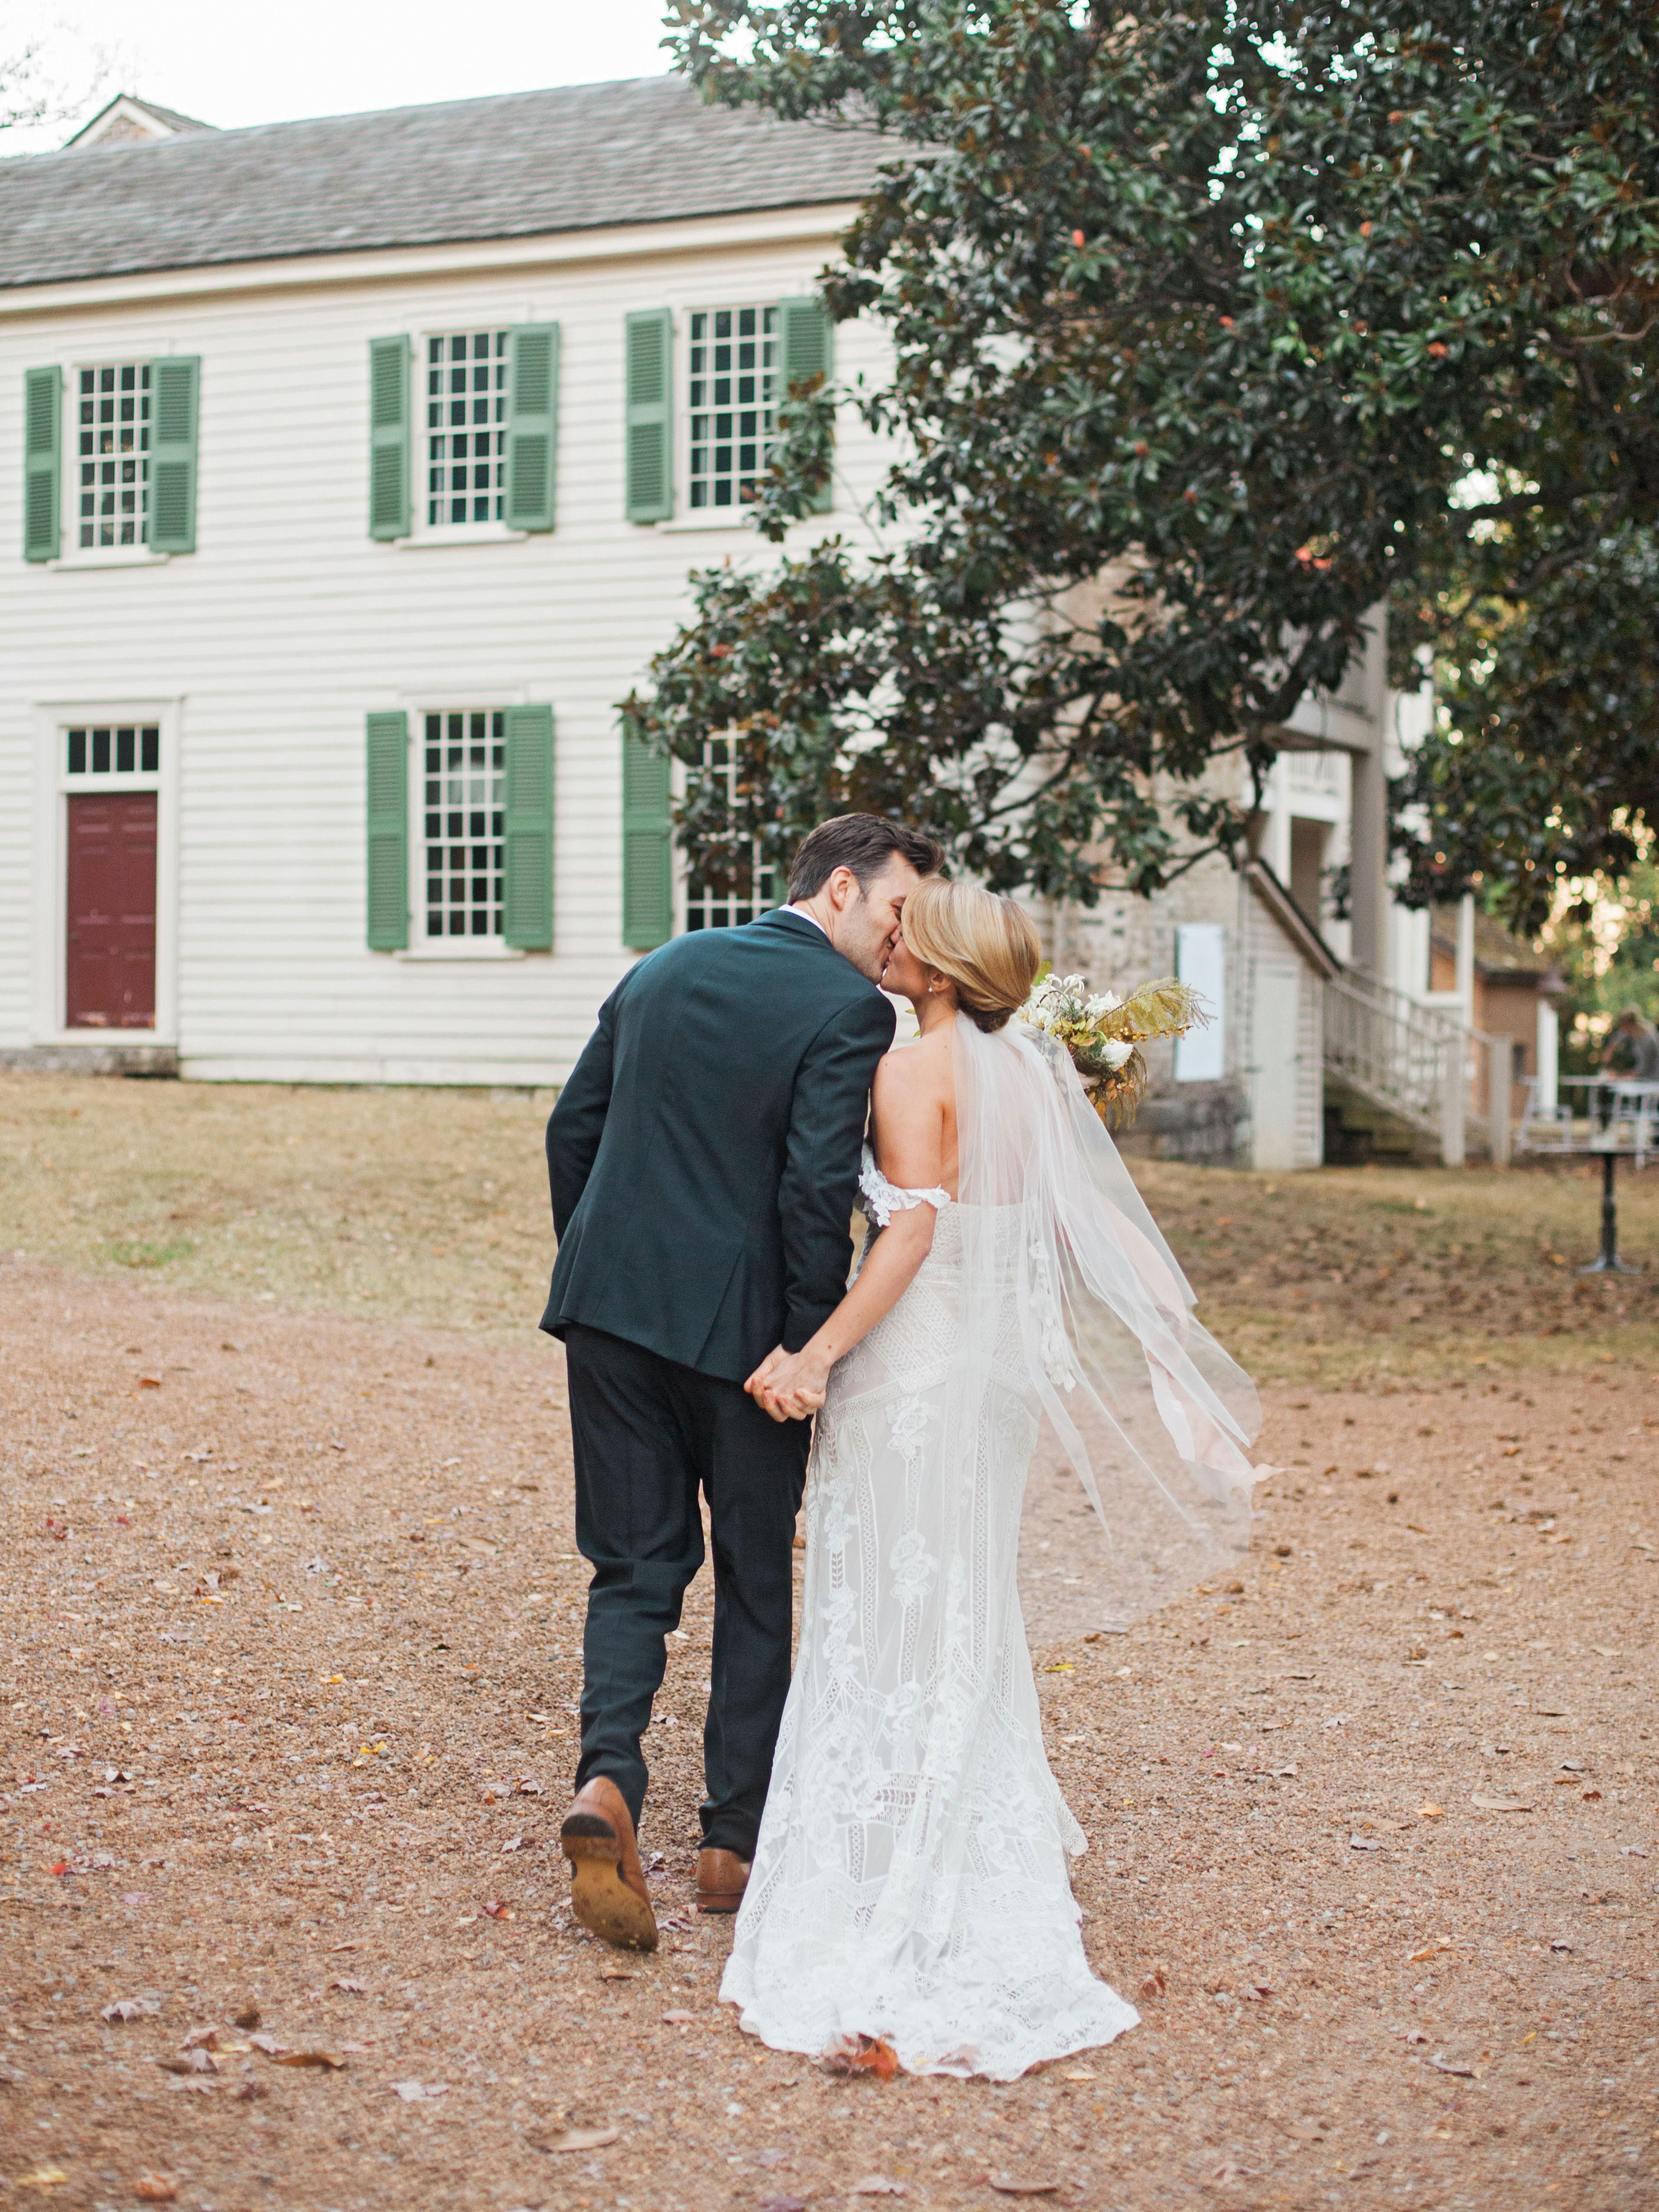 jayme barry wedding couple walking